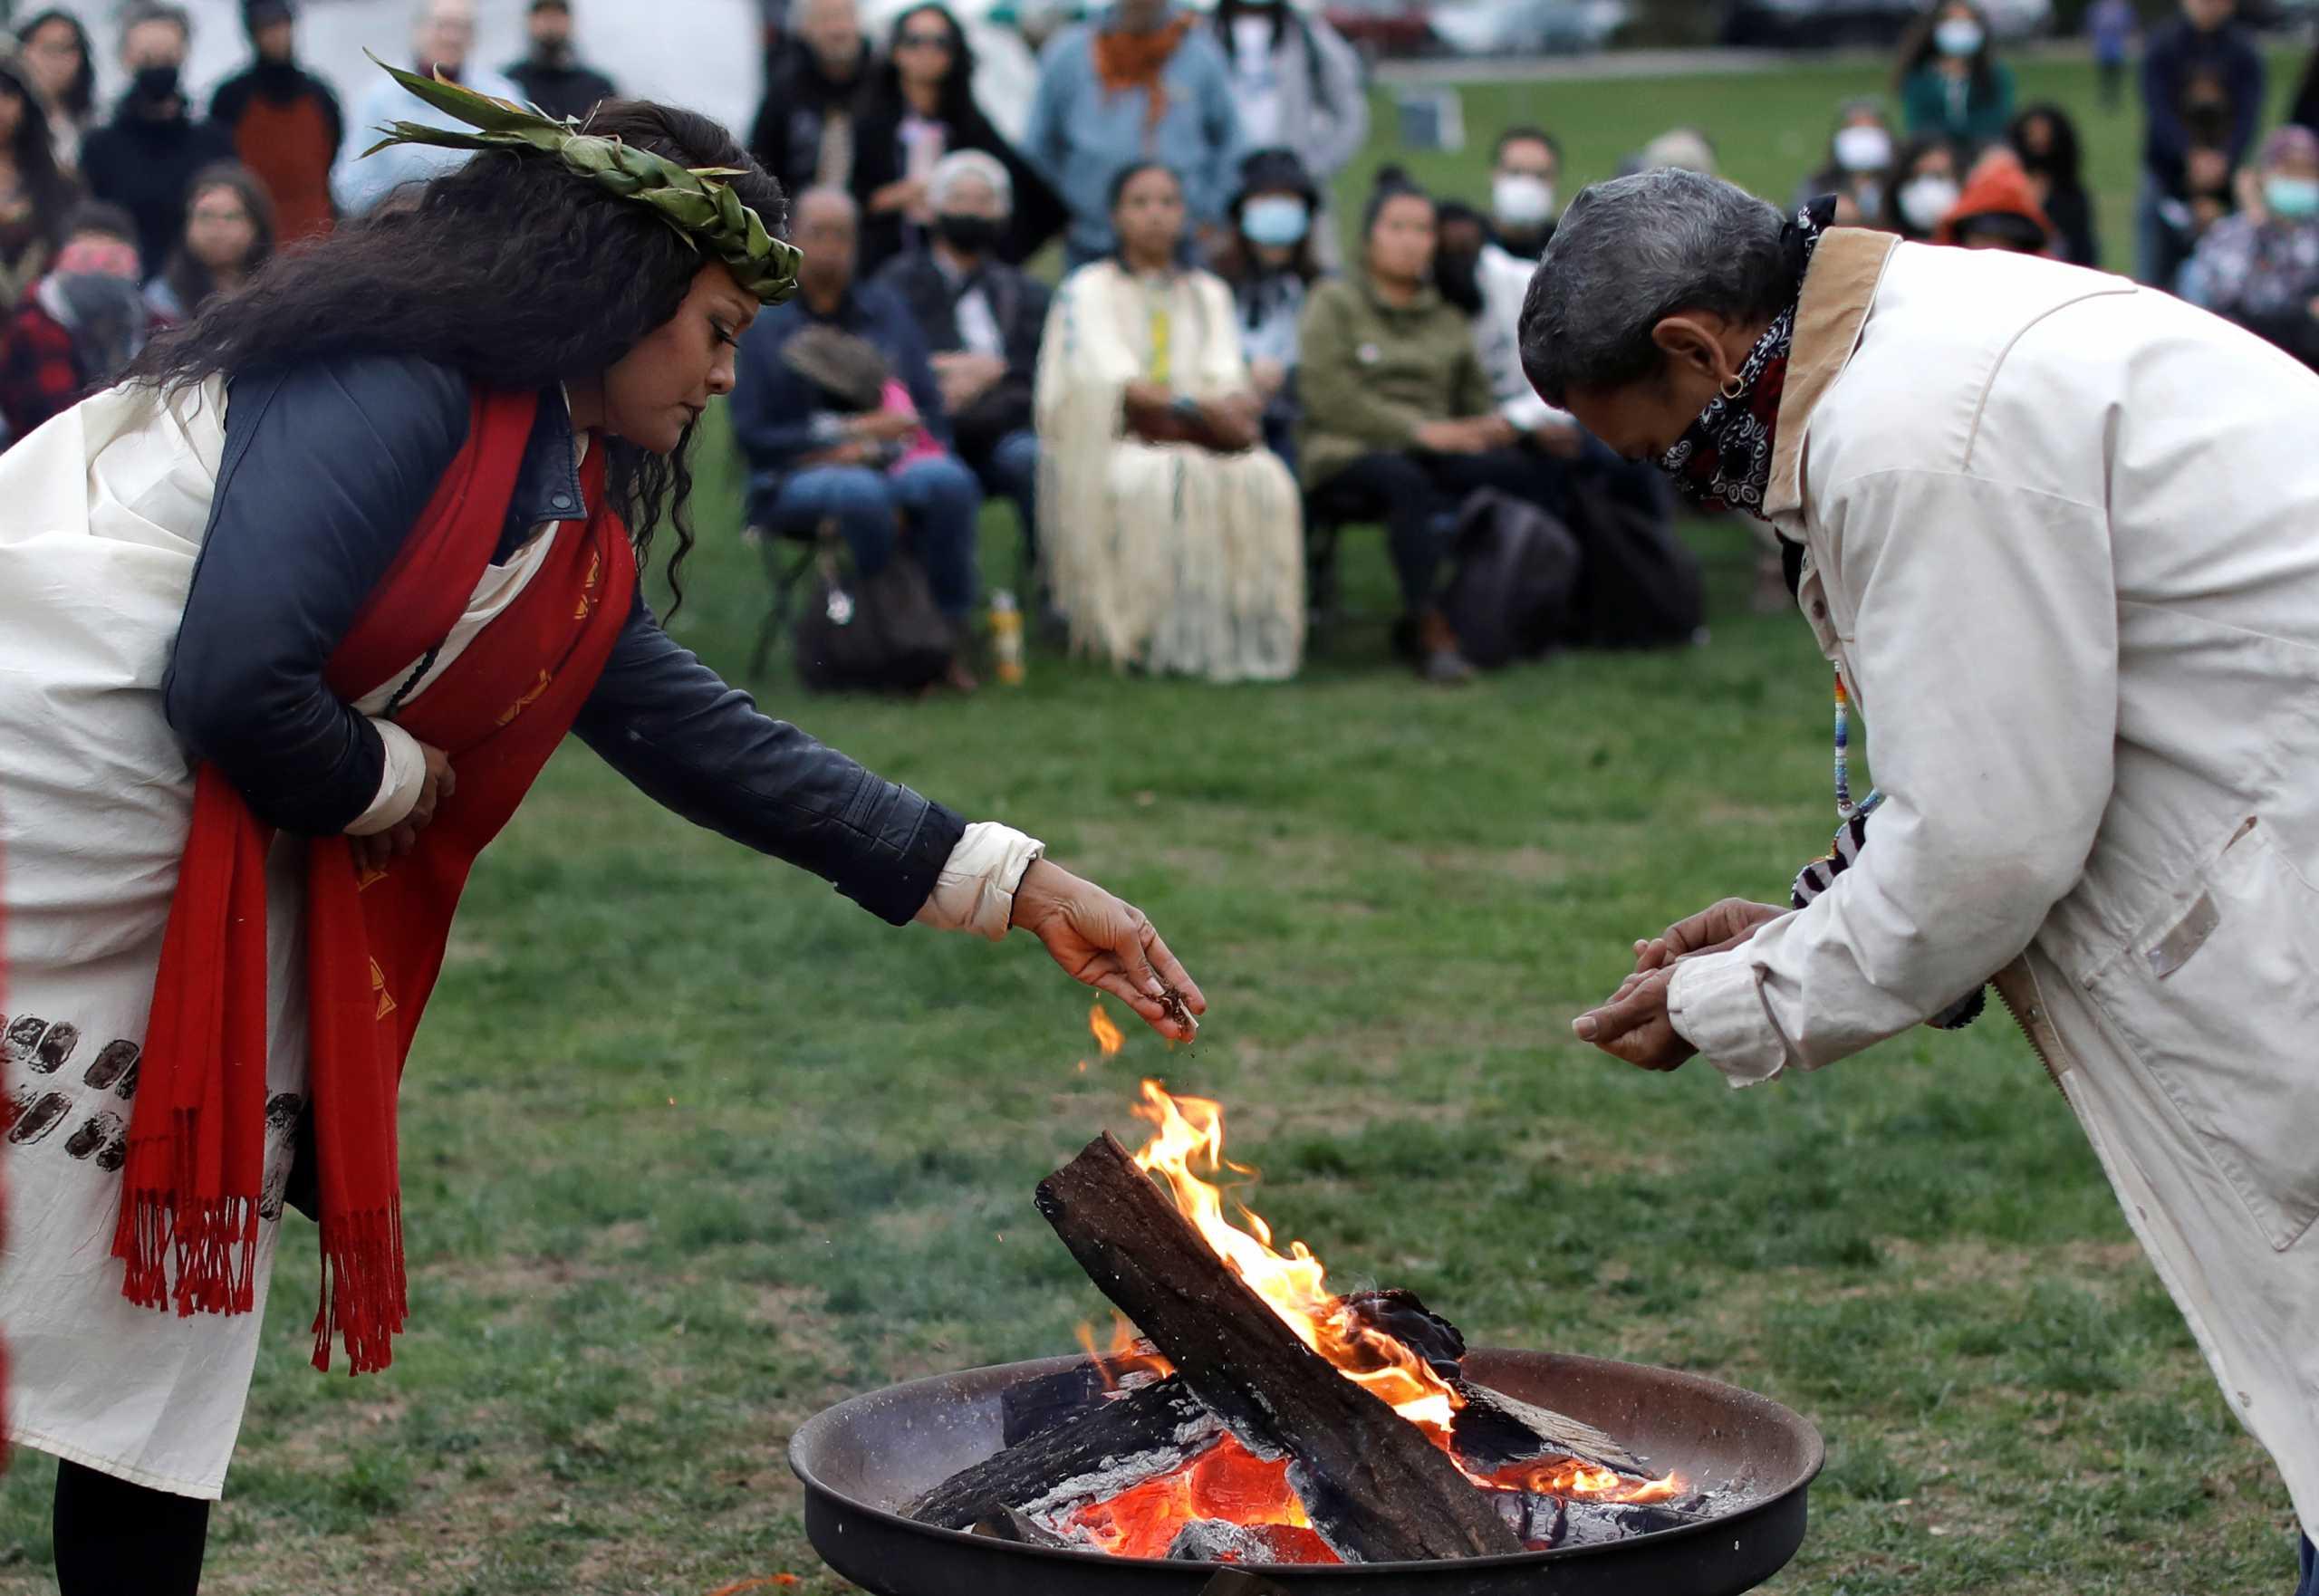 Οι άνθρωποι χρησιμοποιούσαν καπνό πριν 12.300 χρόνια – Τα ευρήματα που ήρθαν στο φως